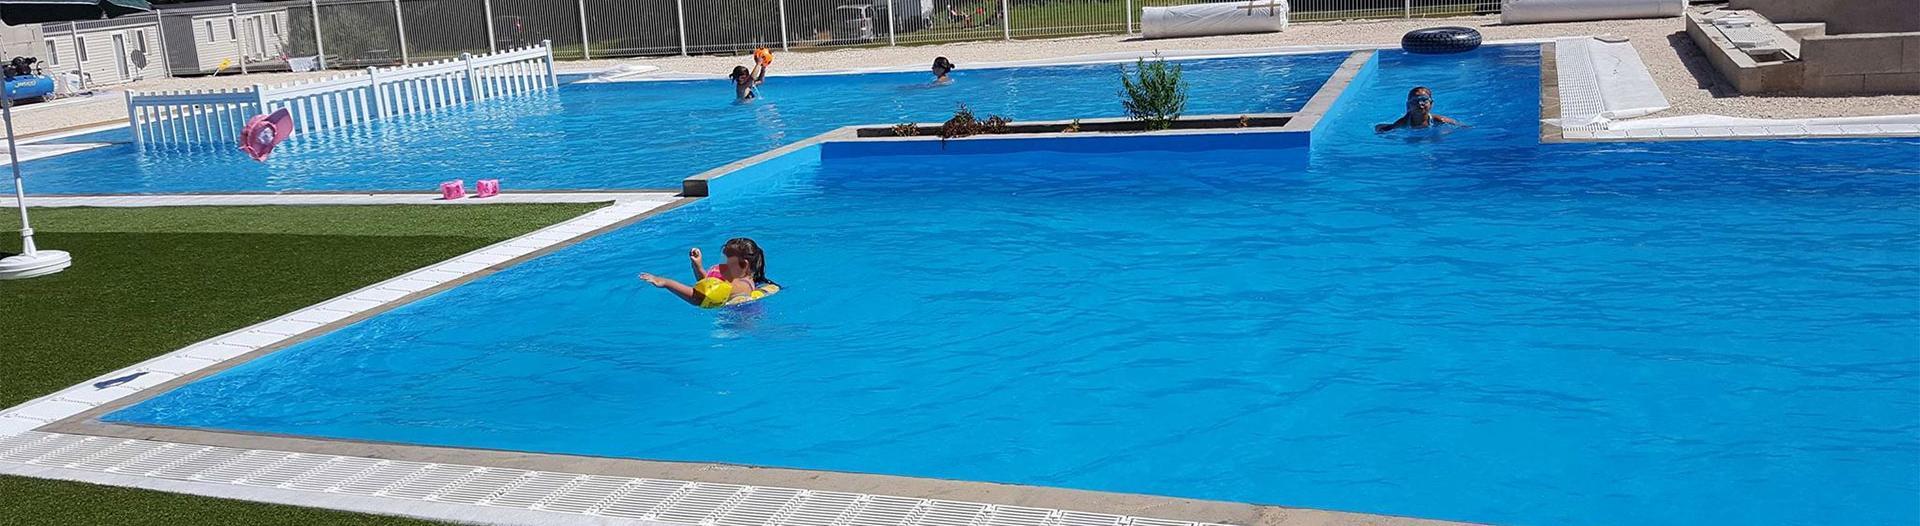 slider-camping-lizot-piscine